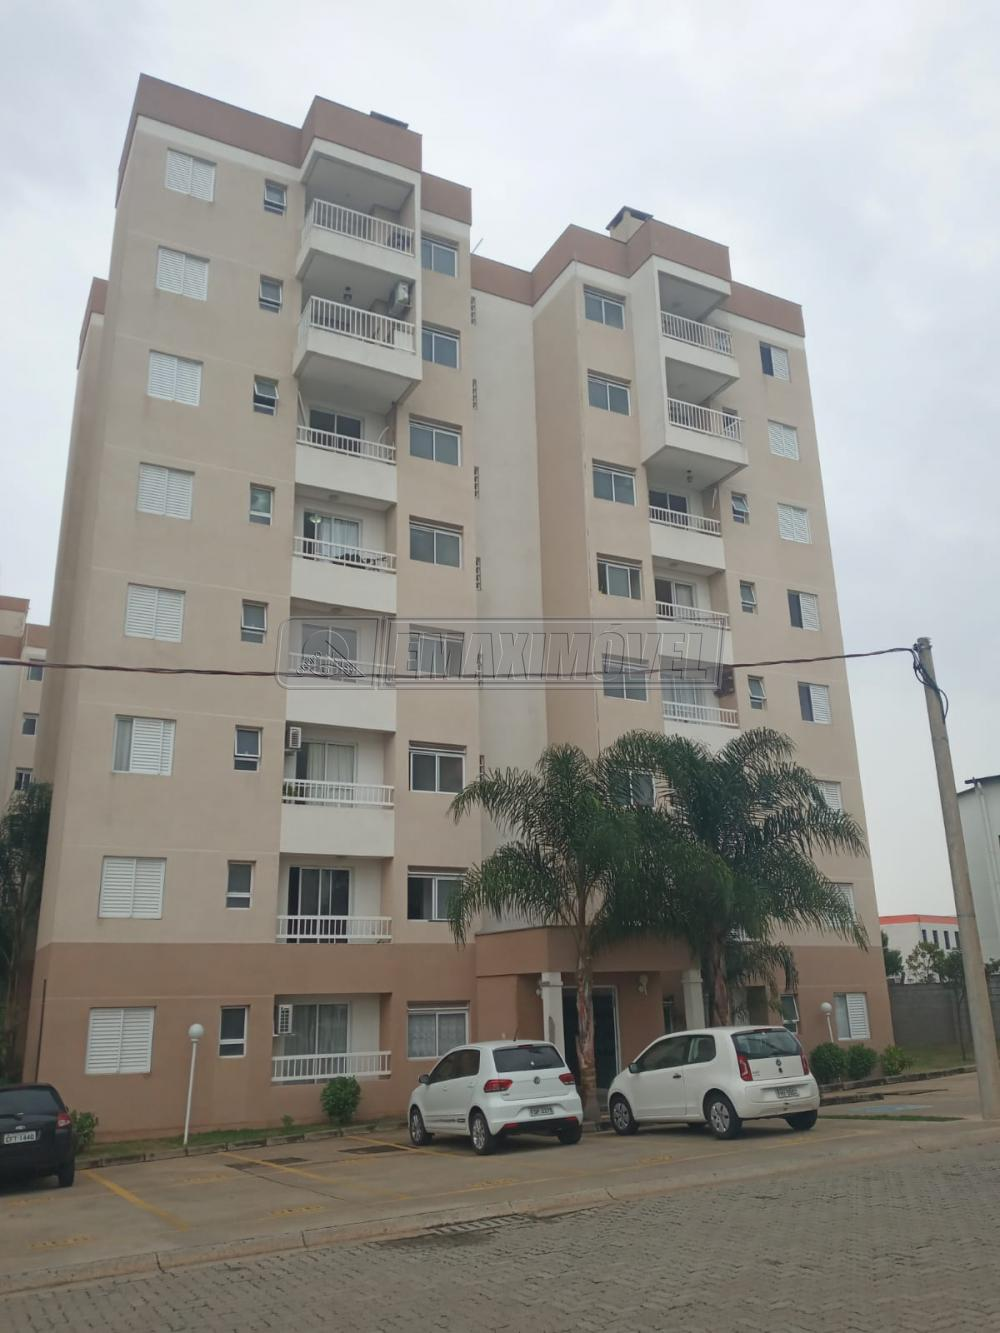 Comprar Apartamento / Padrão em Sorocaba R$ 275.000,00 - Foto 1